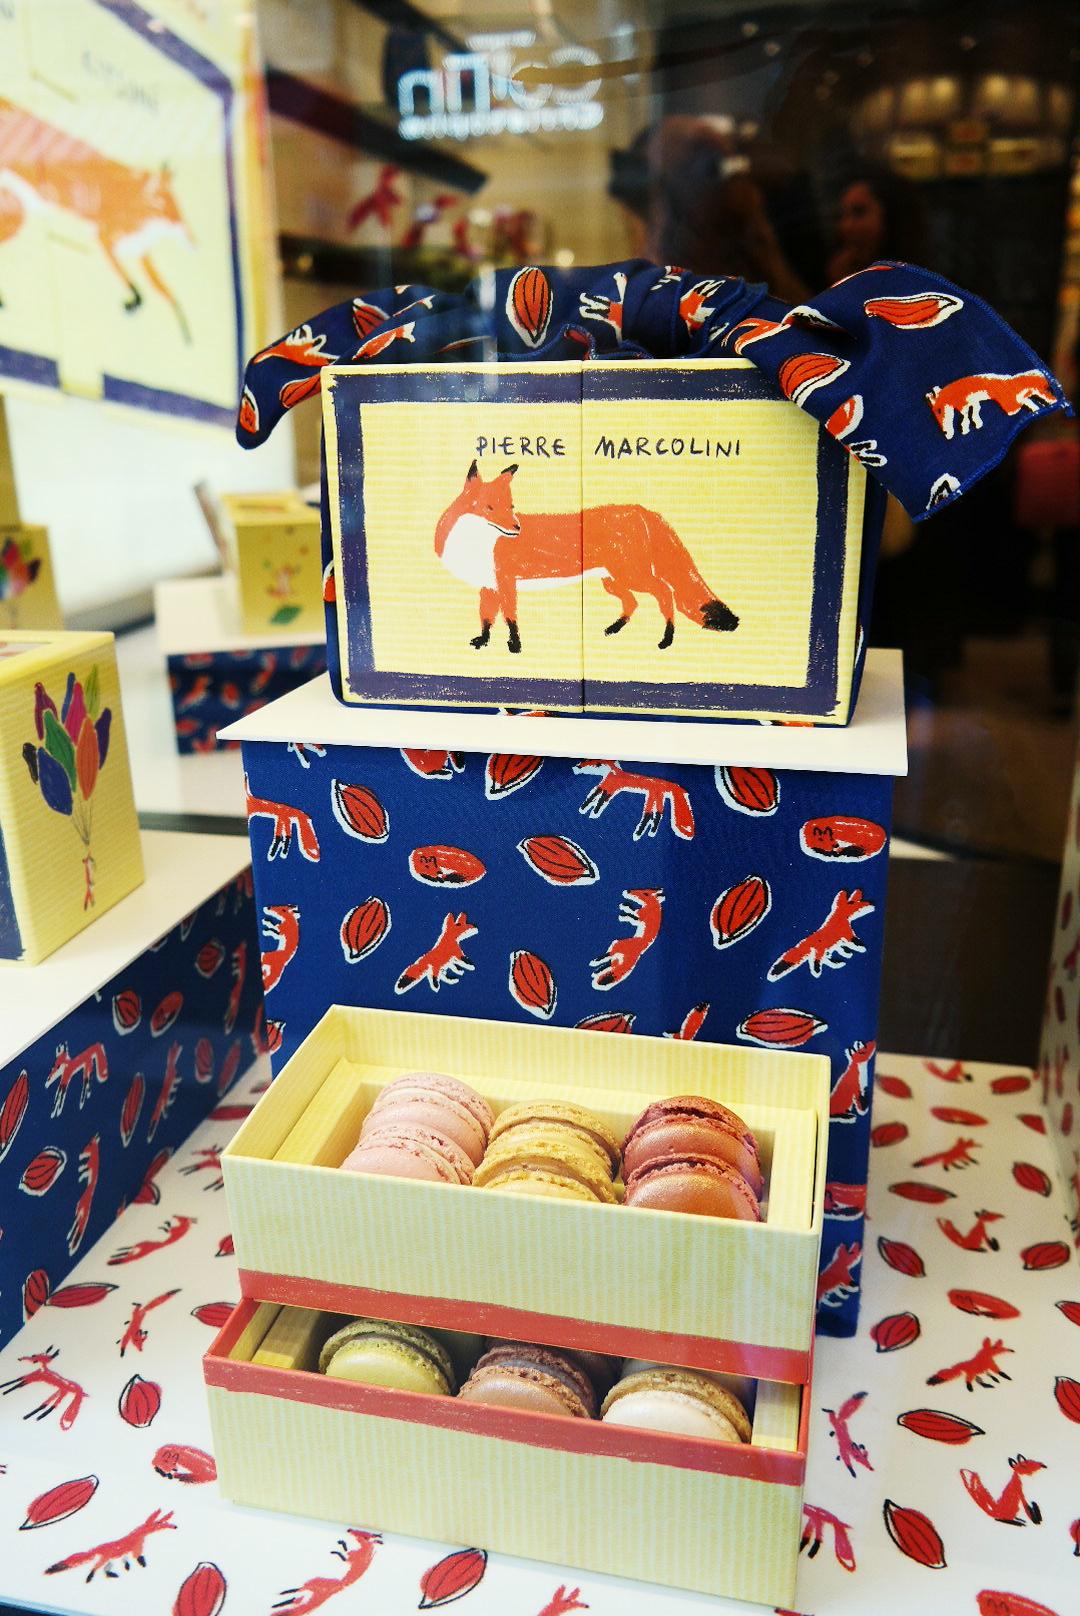 Coffret-de-macarons-exclusivité-boutique-Pierre-Marcolini-X-Maison-Kitsuné-Bento-Box-Rue-du-Bac-Sucré-événement-dégustation-patisserie-photo-by-united-states-of-paris-blog